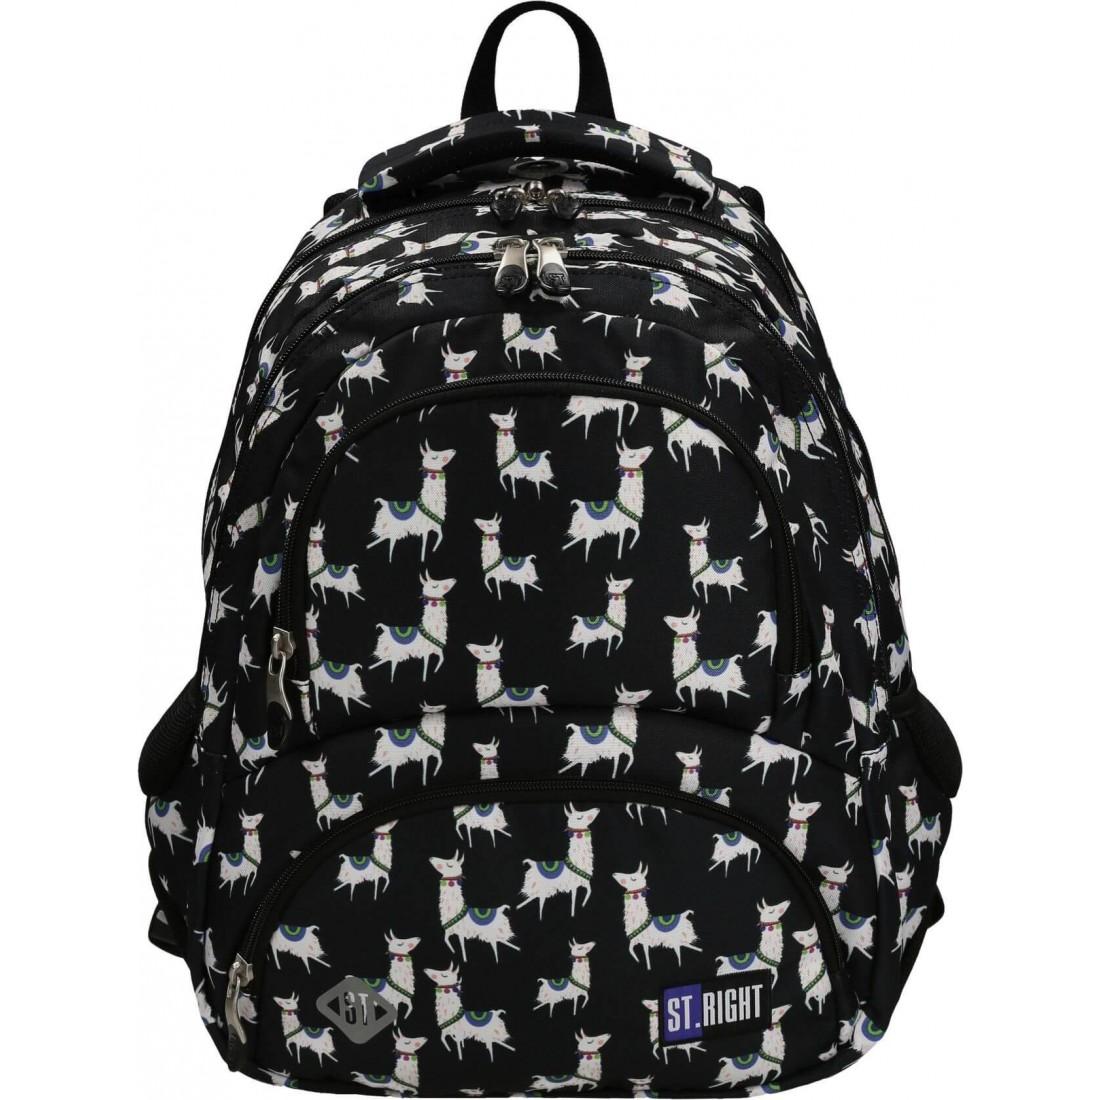 00472edfe Plecak szkolny dla nastolatków lama czarno-biały ST.RIGHT Lamas BP07 ...